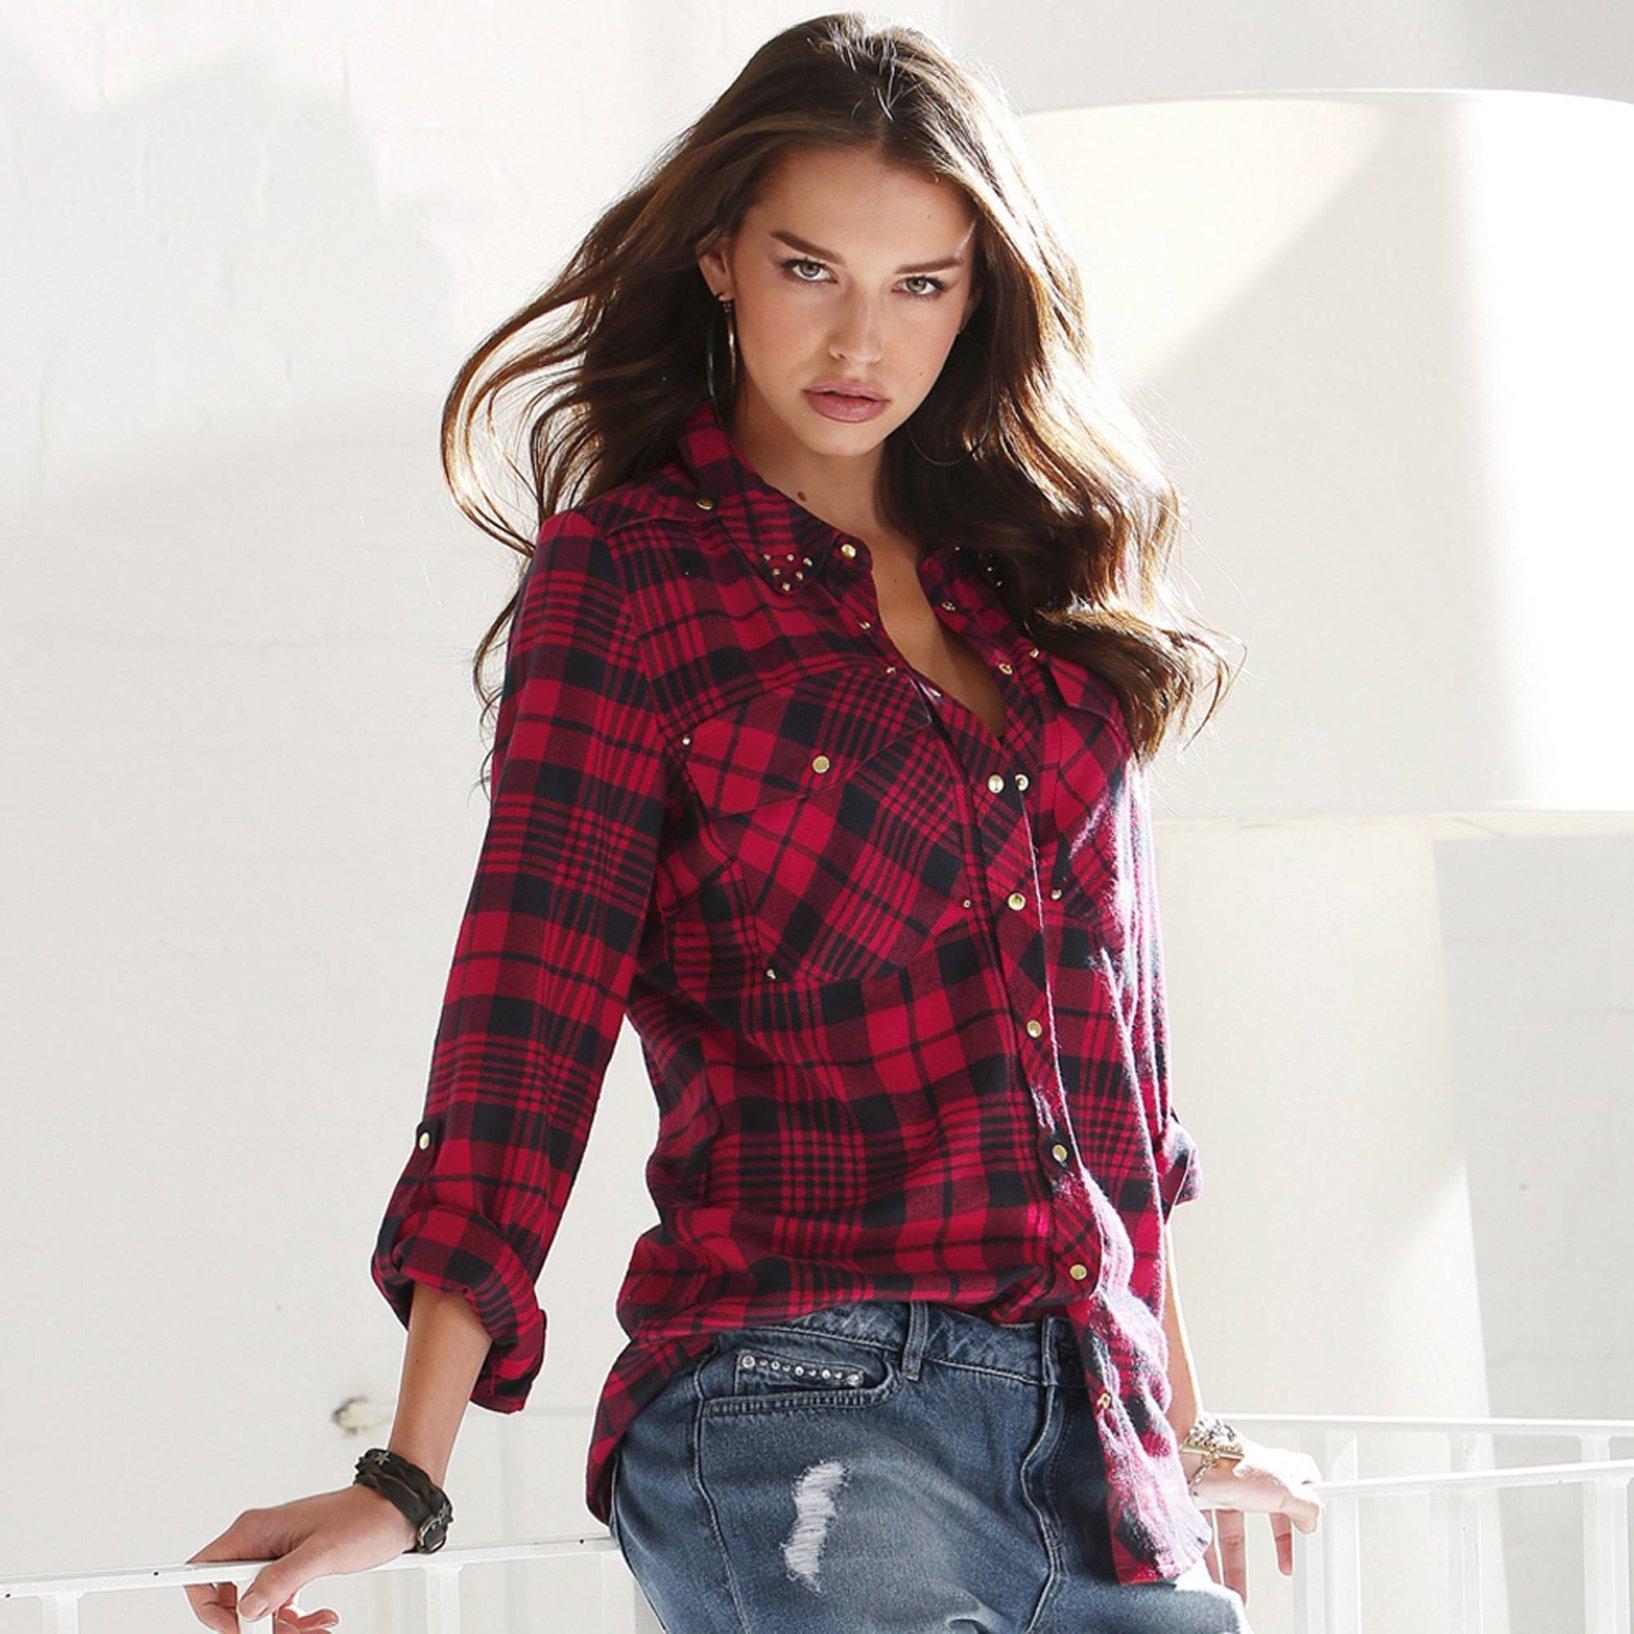 chemise a carreaux femme c 39 est top tendance. Black Bedroom Furniture Sets. Home Design Ideas